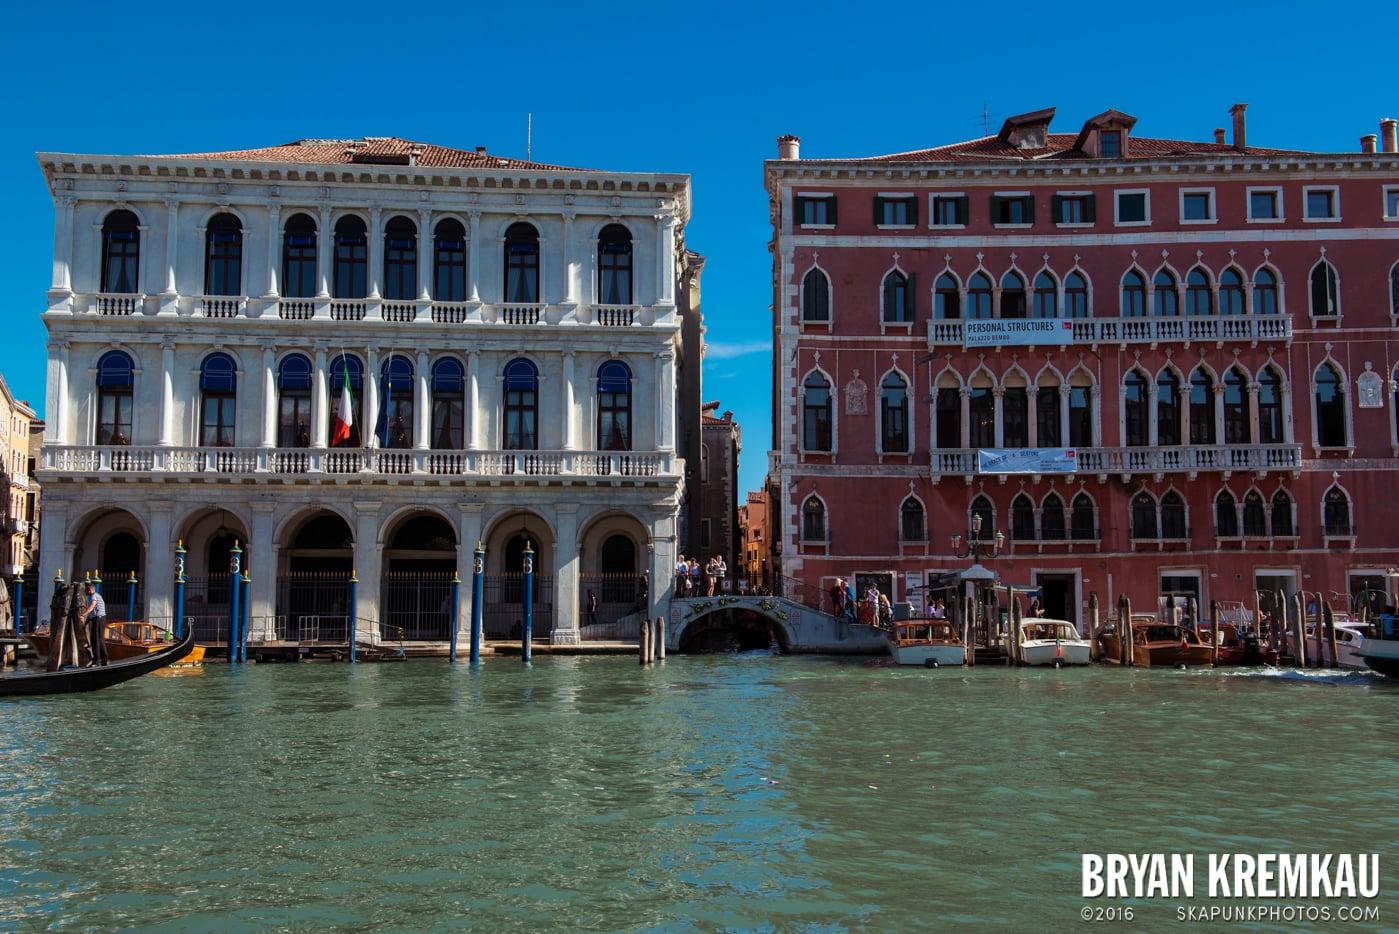 Italy Vacation - Day 4: Venice - 9.12.13 (48)